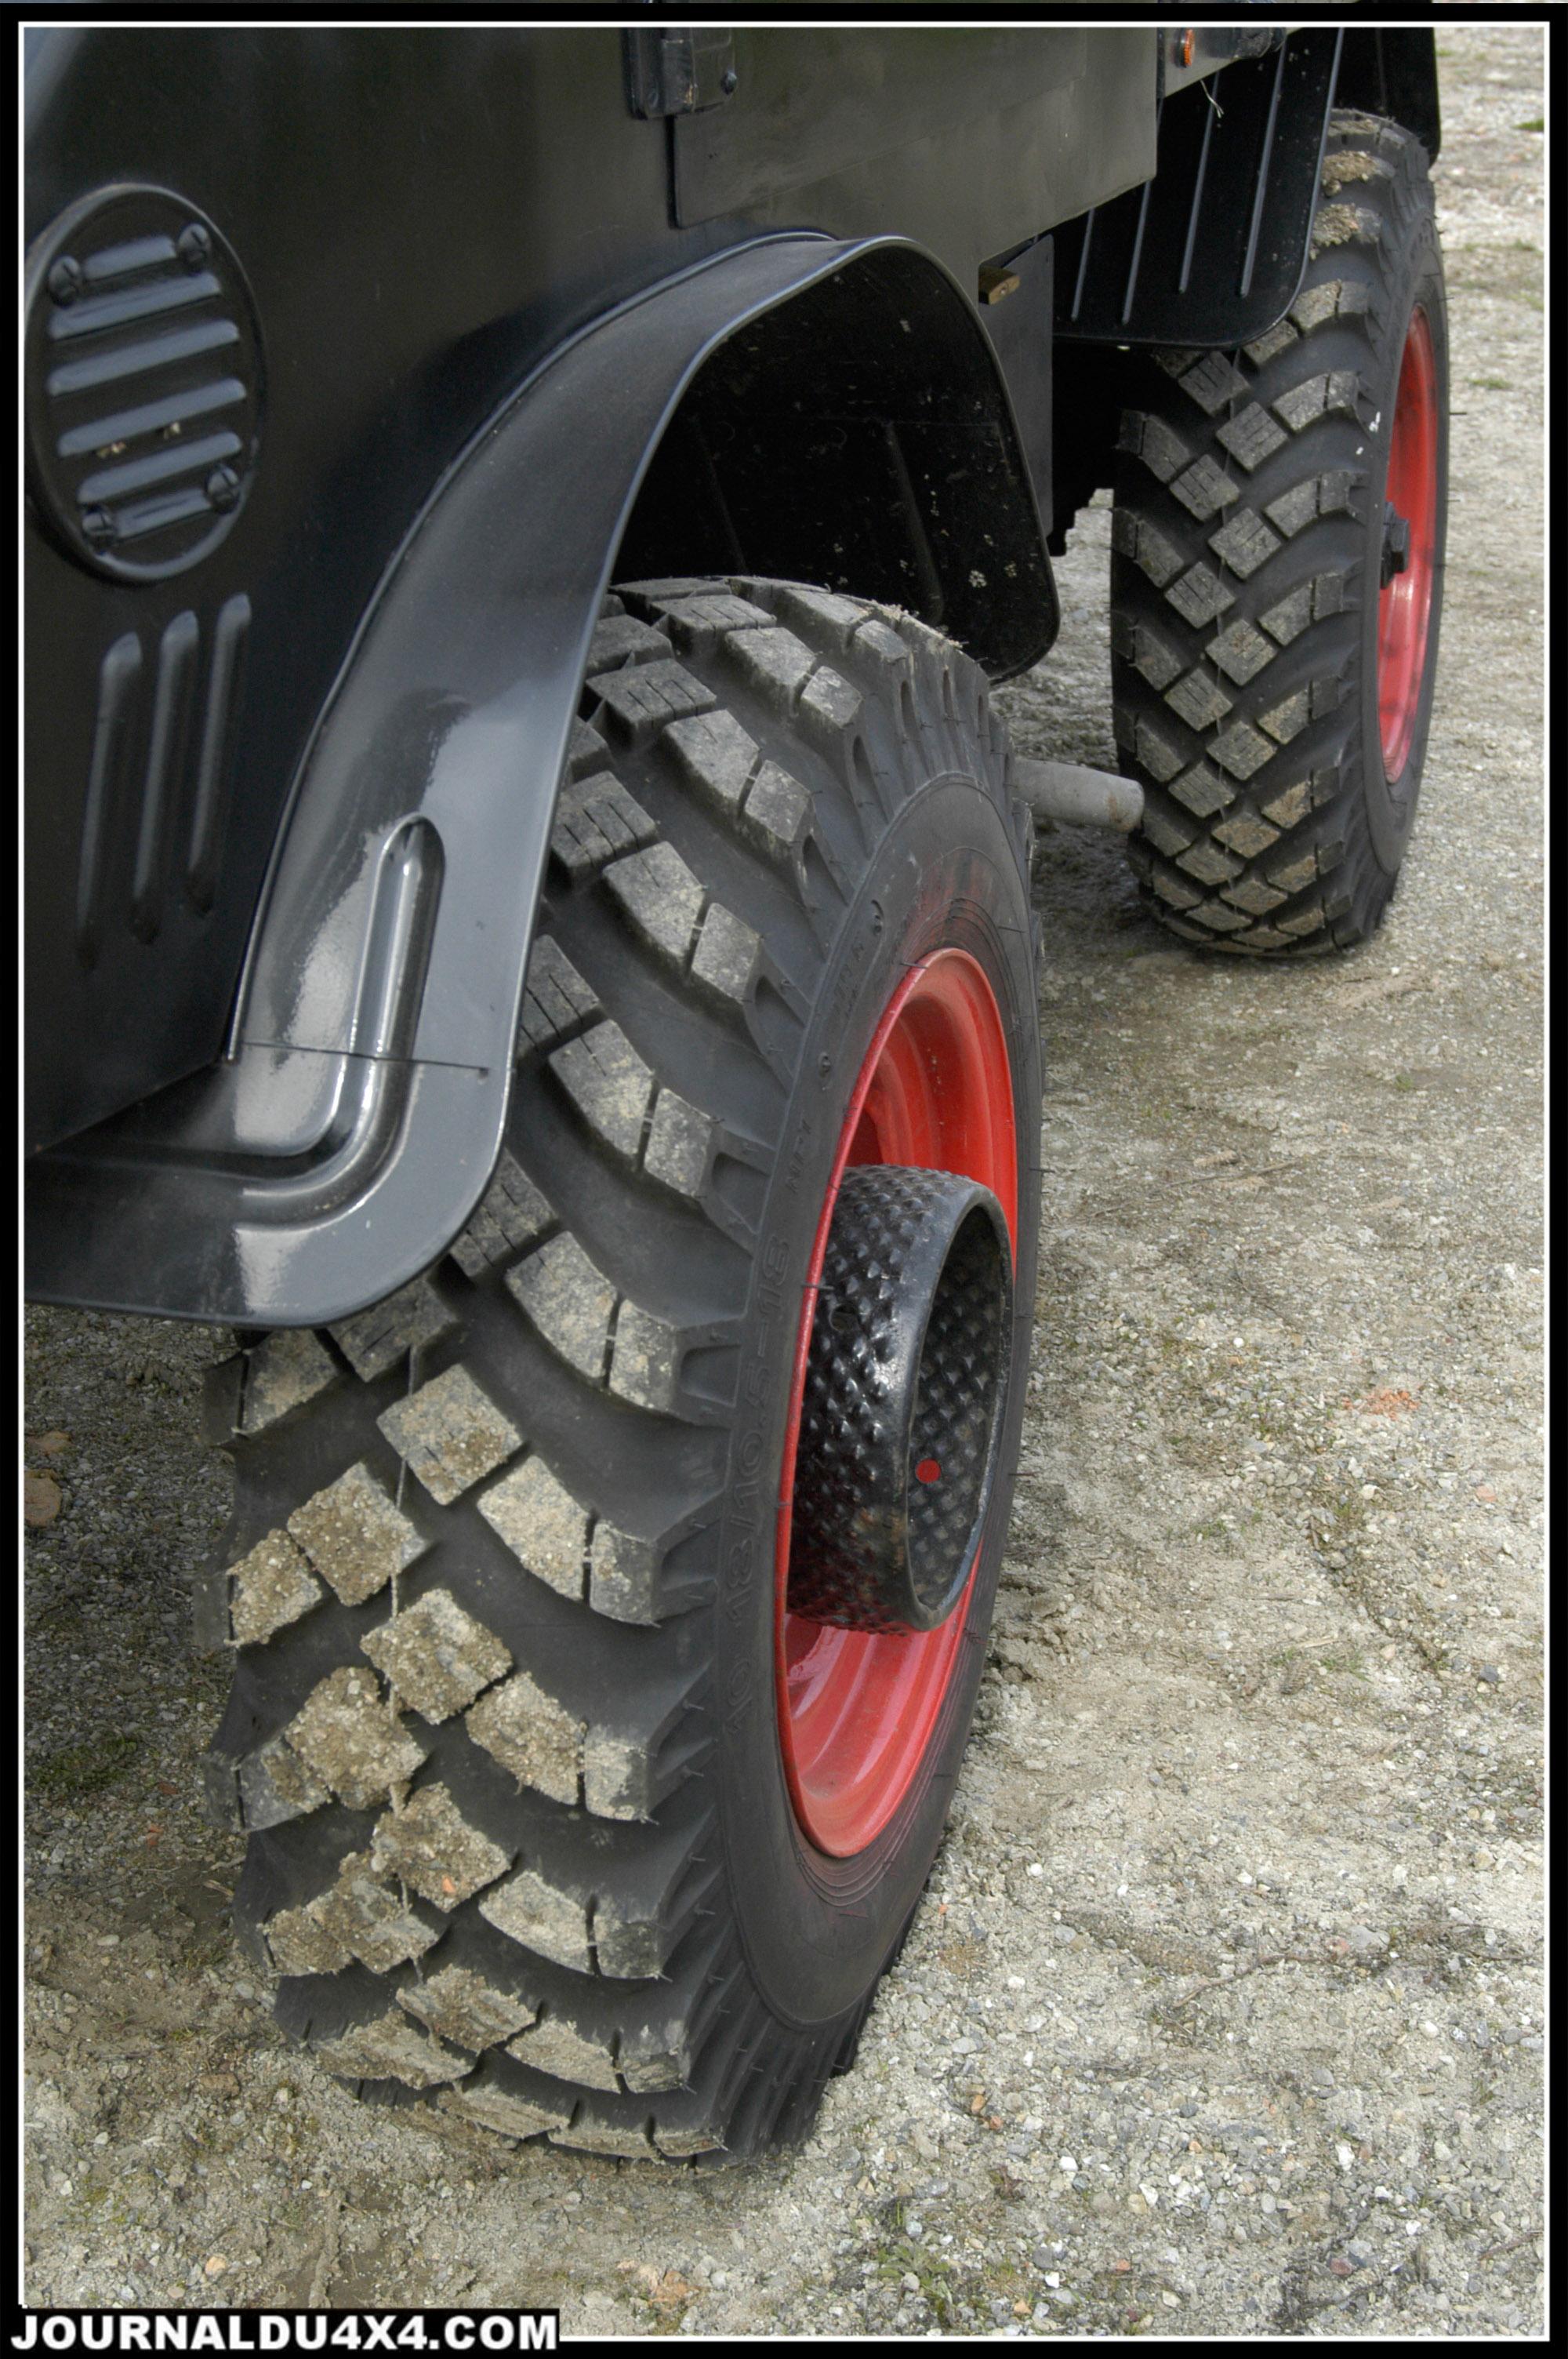 On remarquera le sens de montage des pneus inversé. Ceci permet une meilleur tenue de cap sur route et une usure réduite pour cette monte agricole qui tiens pourtant bien «le pavé»…à 50 km/h. Des 10-18/ 10.5-18 de la marque Rigdon.